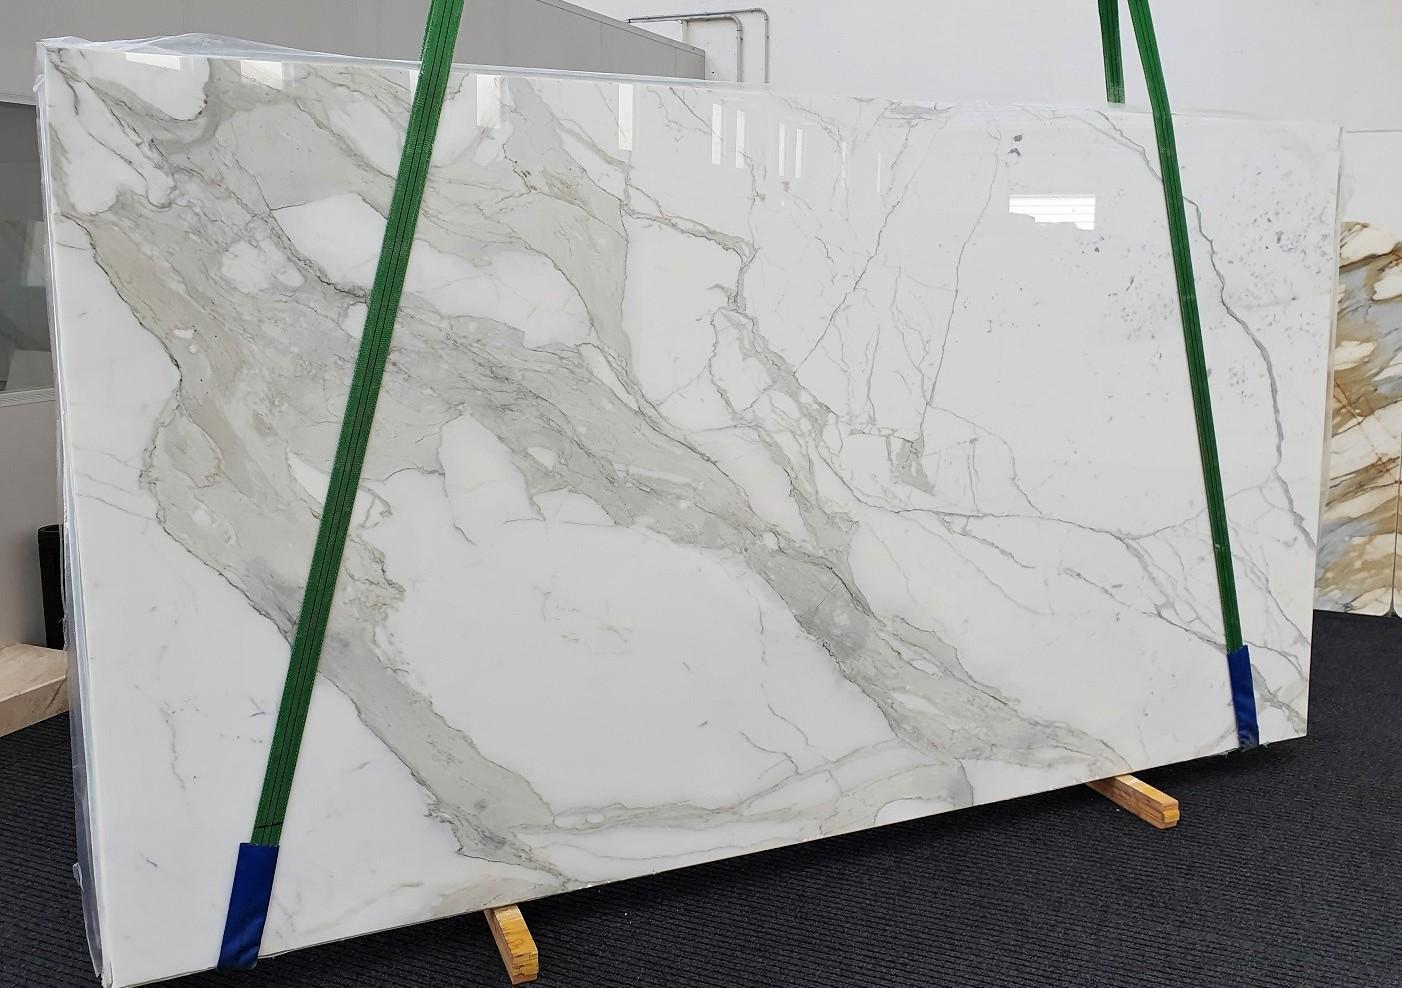 CALACATTA ORO EXTRA Supply Veneto (Italy) polished slabs 1366 , Slab #54 natural marble